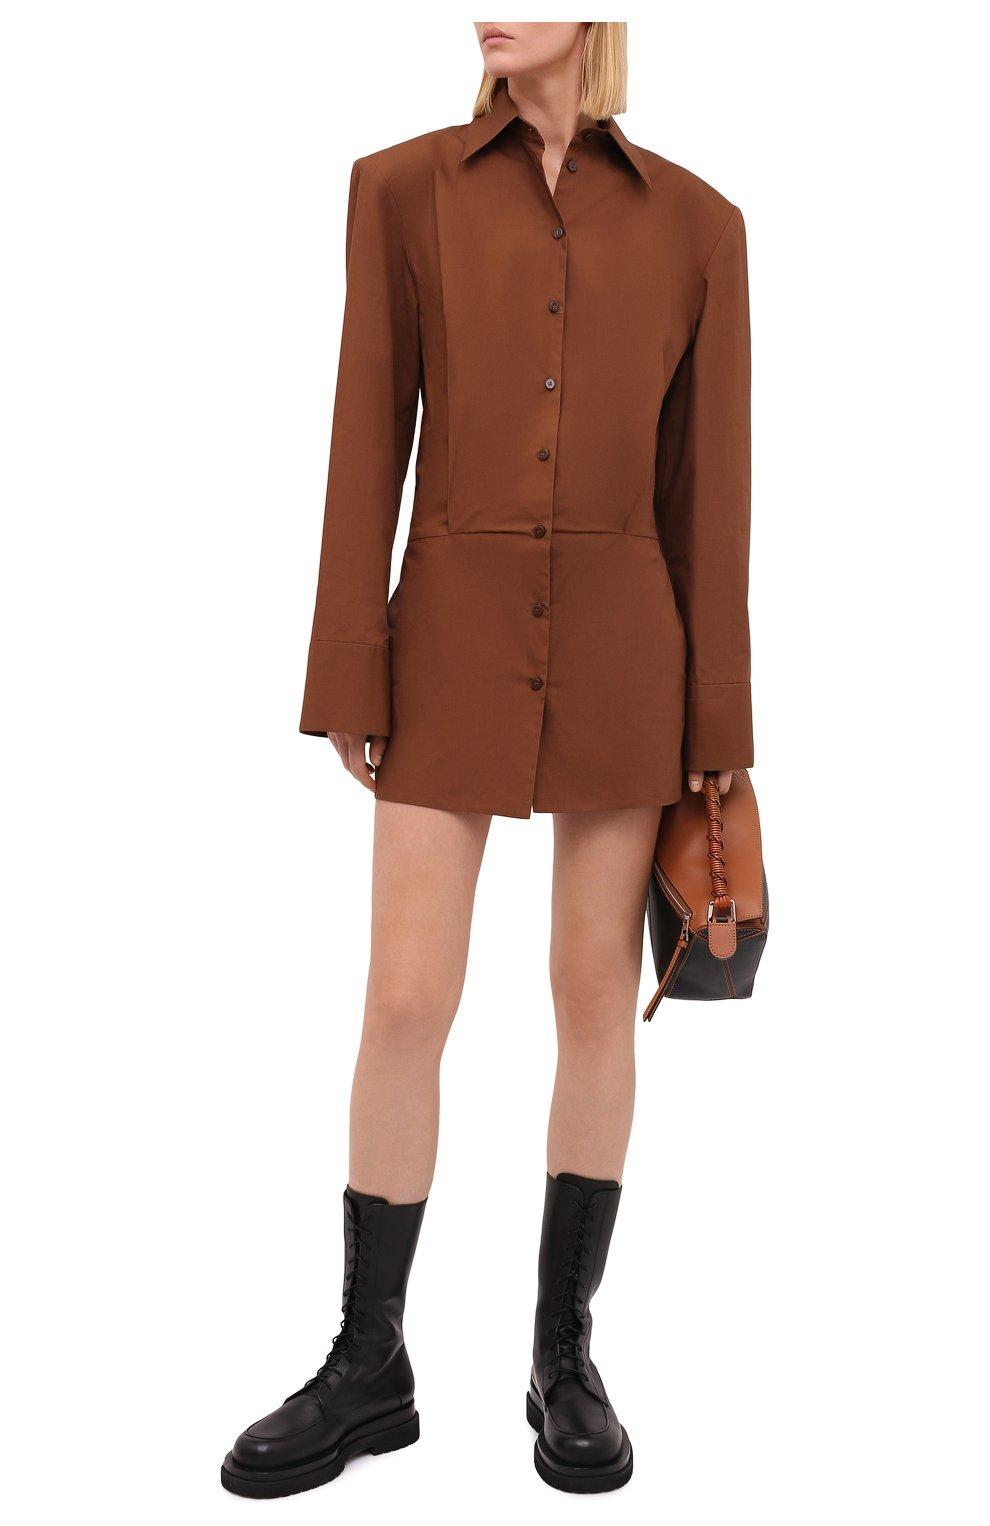 Женские кожаные ботинки MAGDA BUTRYM черного цвета, арт. 5187208008 | Фото 2 (Подошва: Платформа; Каблук высота: Низкий; Женское Кросс-КТ: Военные ботинки; Материал внутренний: Натуральная кожа)